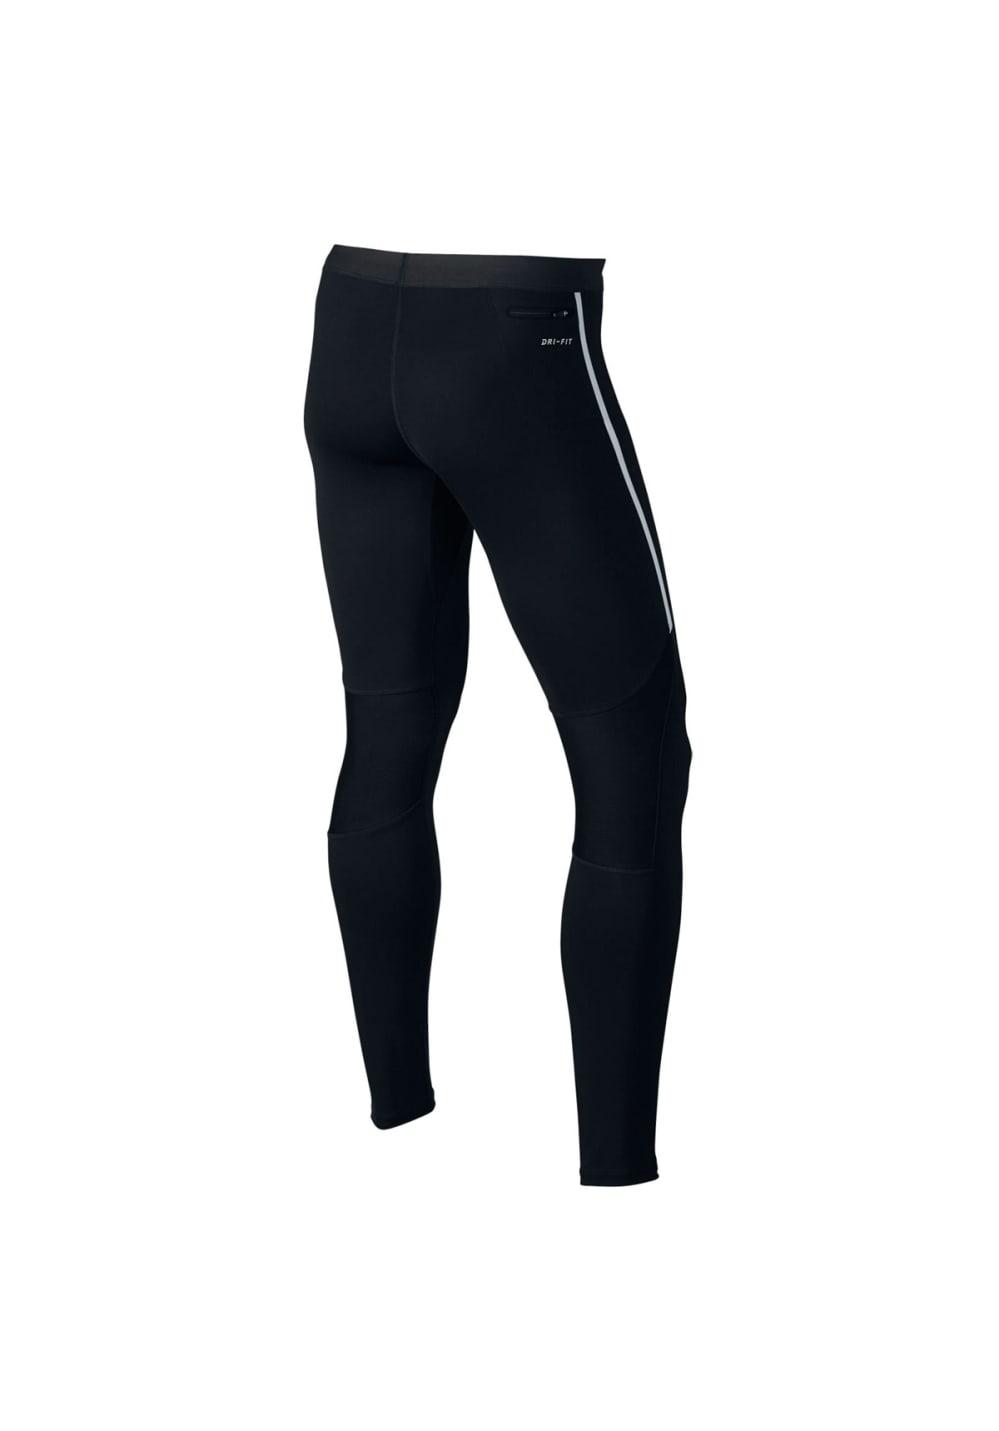 Nike Power Tech Running Tights - Laufhosen für Herren - Schwarz, Gr. XL